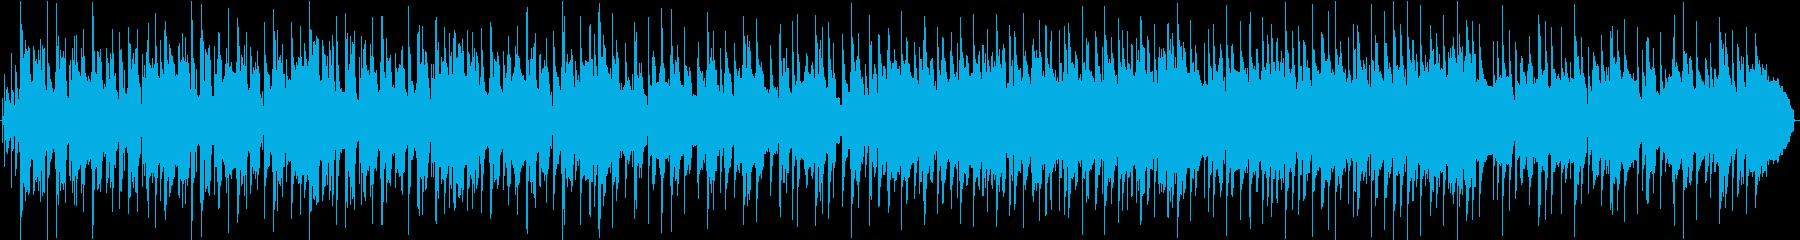 せつなめバンドサウンドinsBGMの再生済みの波形